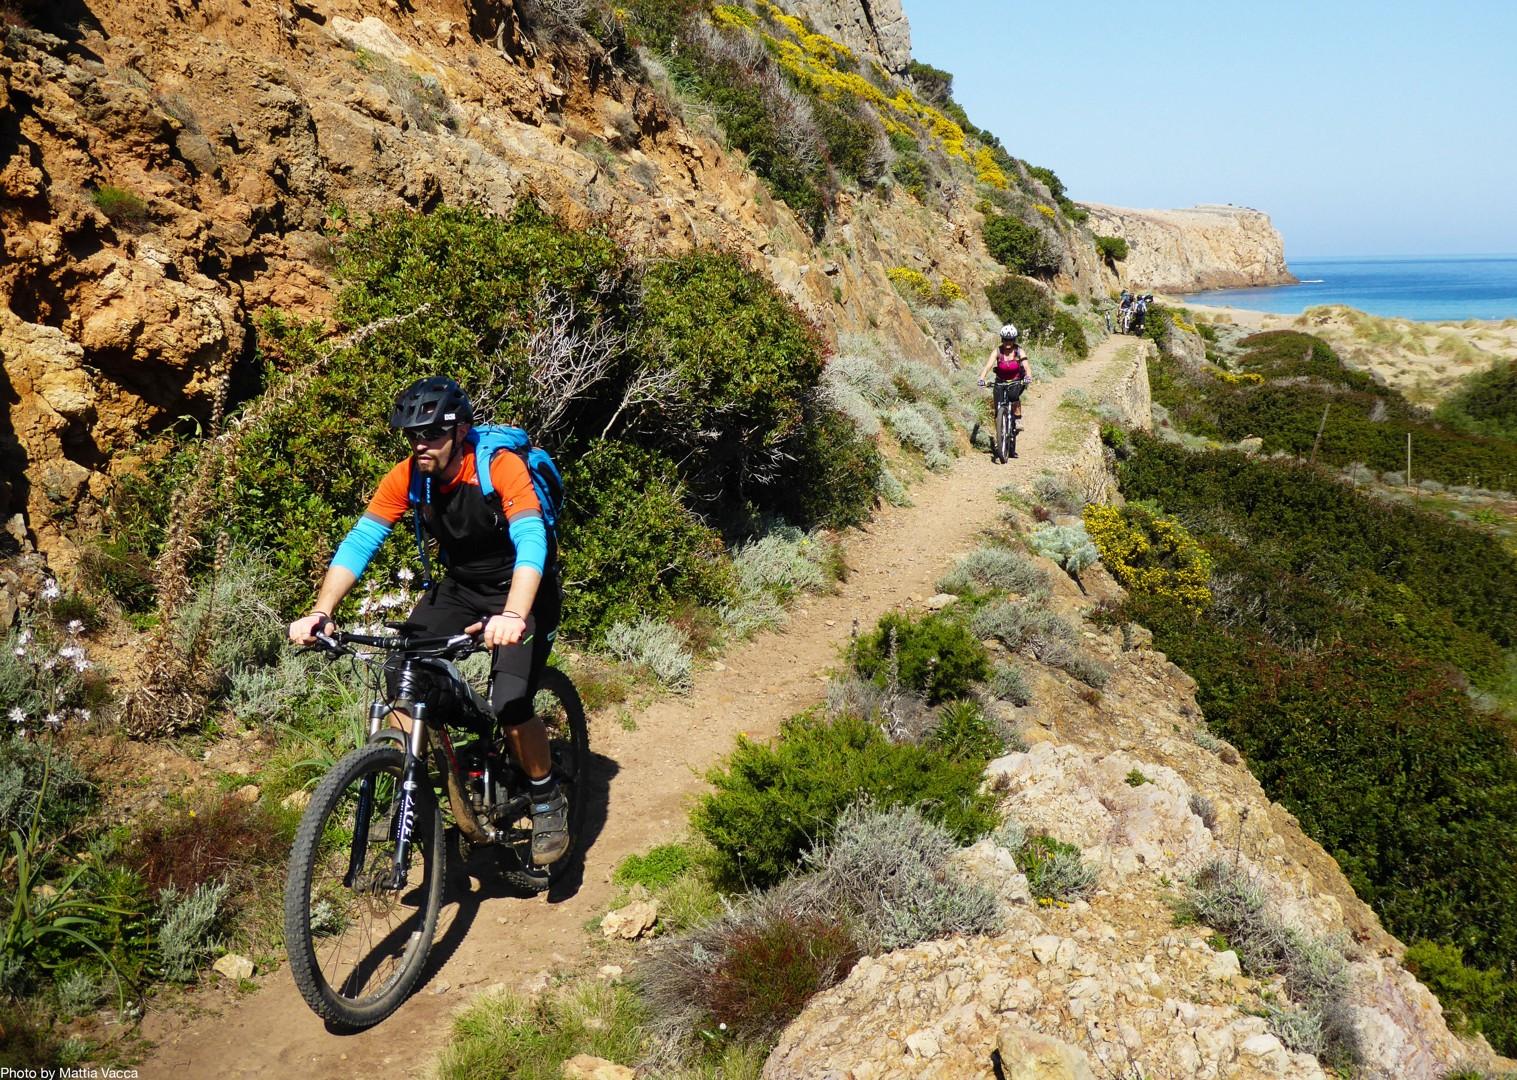 sardinian-enduro-sardinian-enduro-italy-guided-mountain-bike-holiday.jpg - Sardinia - Sardinian Enduro - Guided Mountain Bike Holiday - Italia Mountain Biking